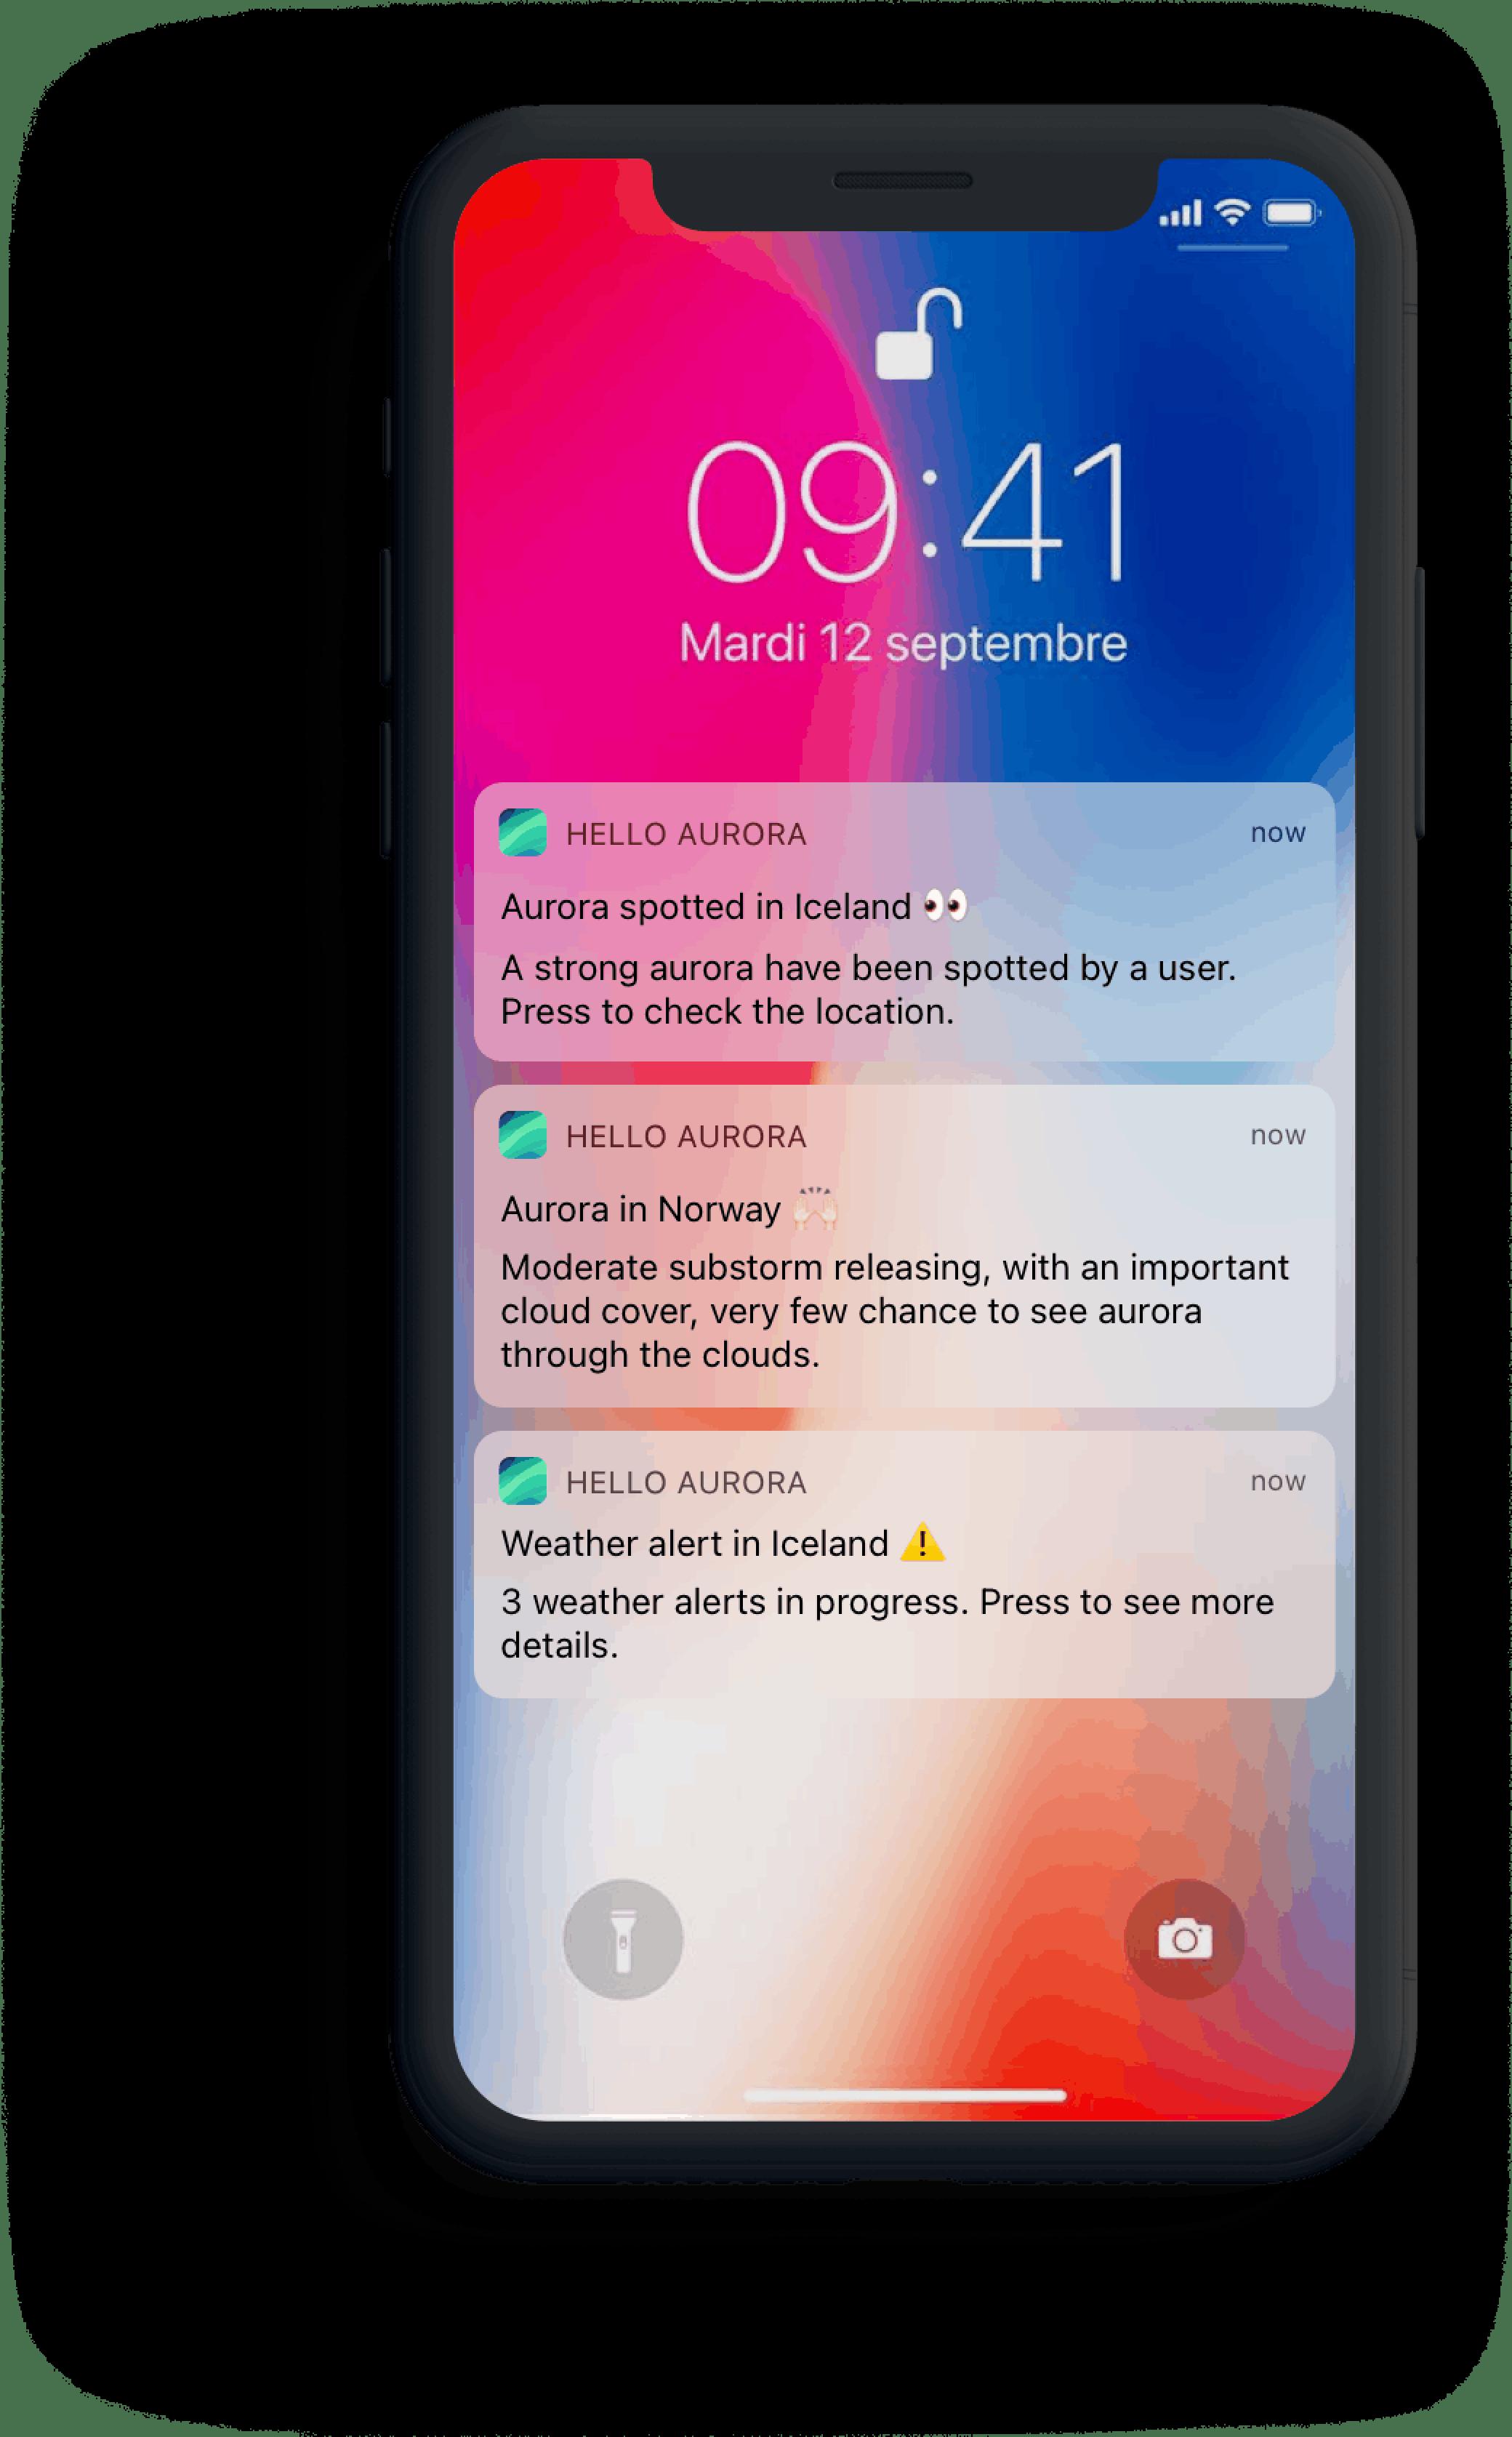 Handy notifications alert